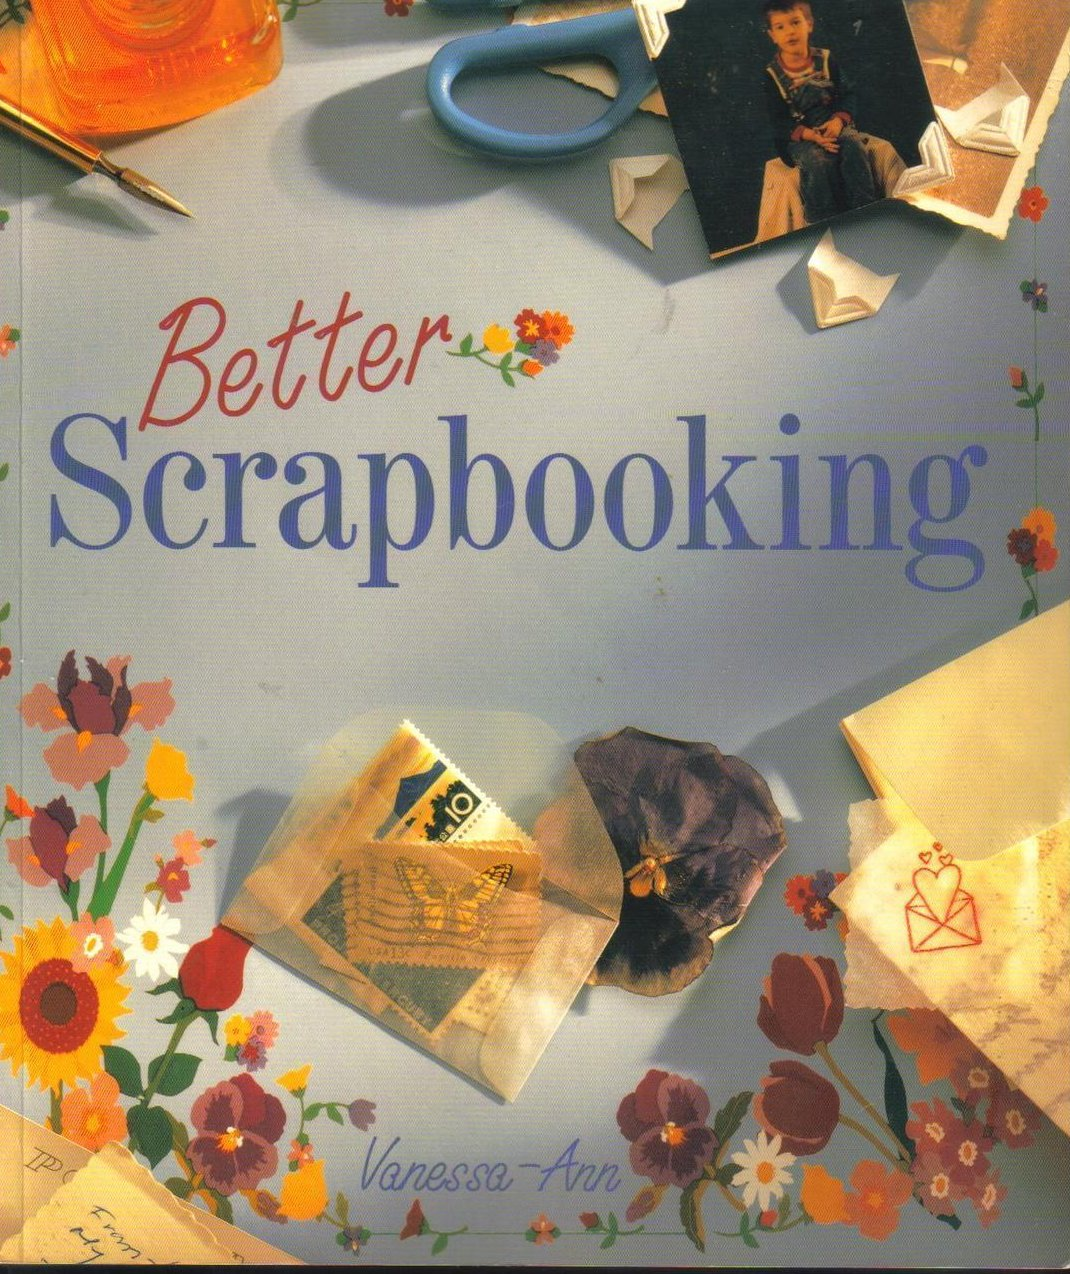 Better Scrapbooking Vanessa-Ann Book Crafts